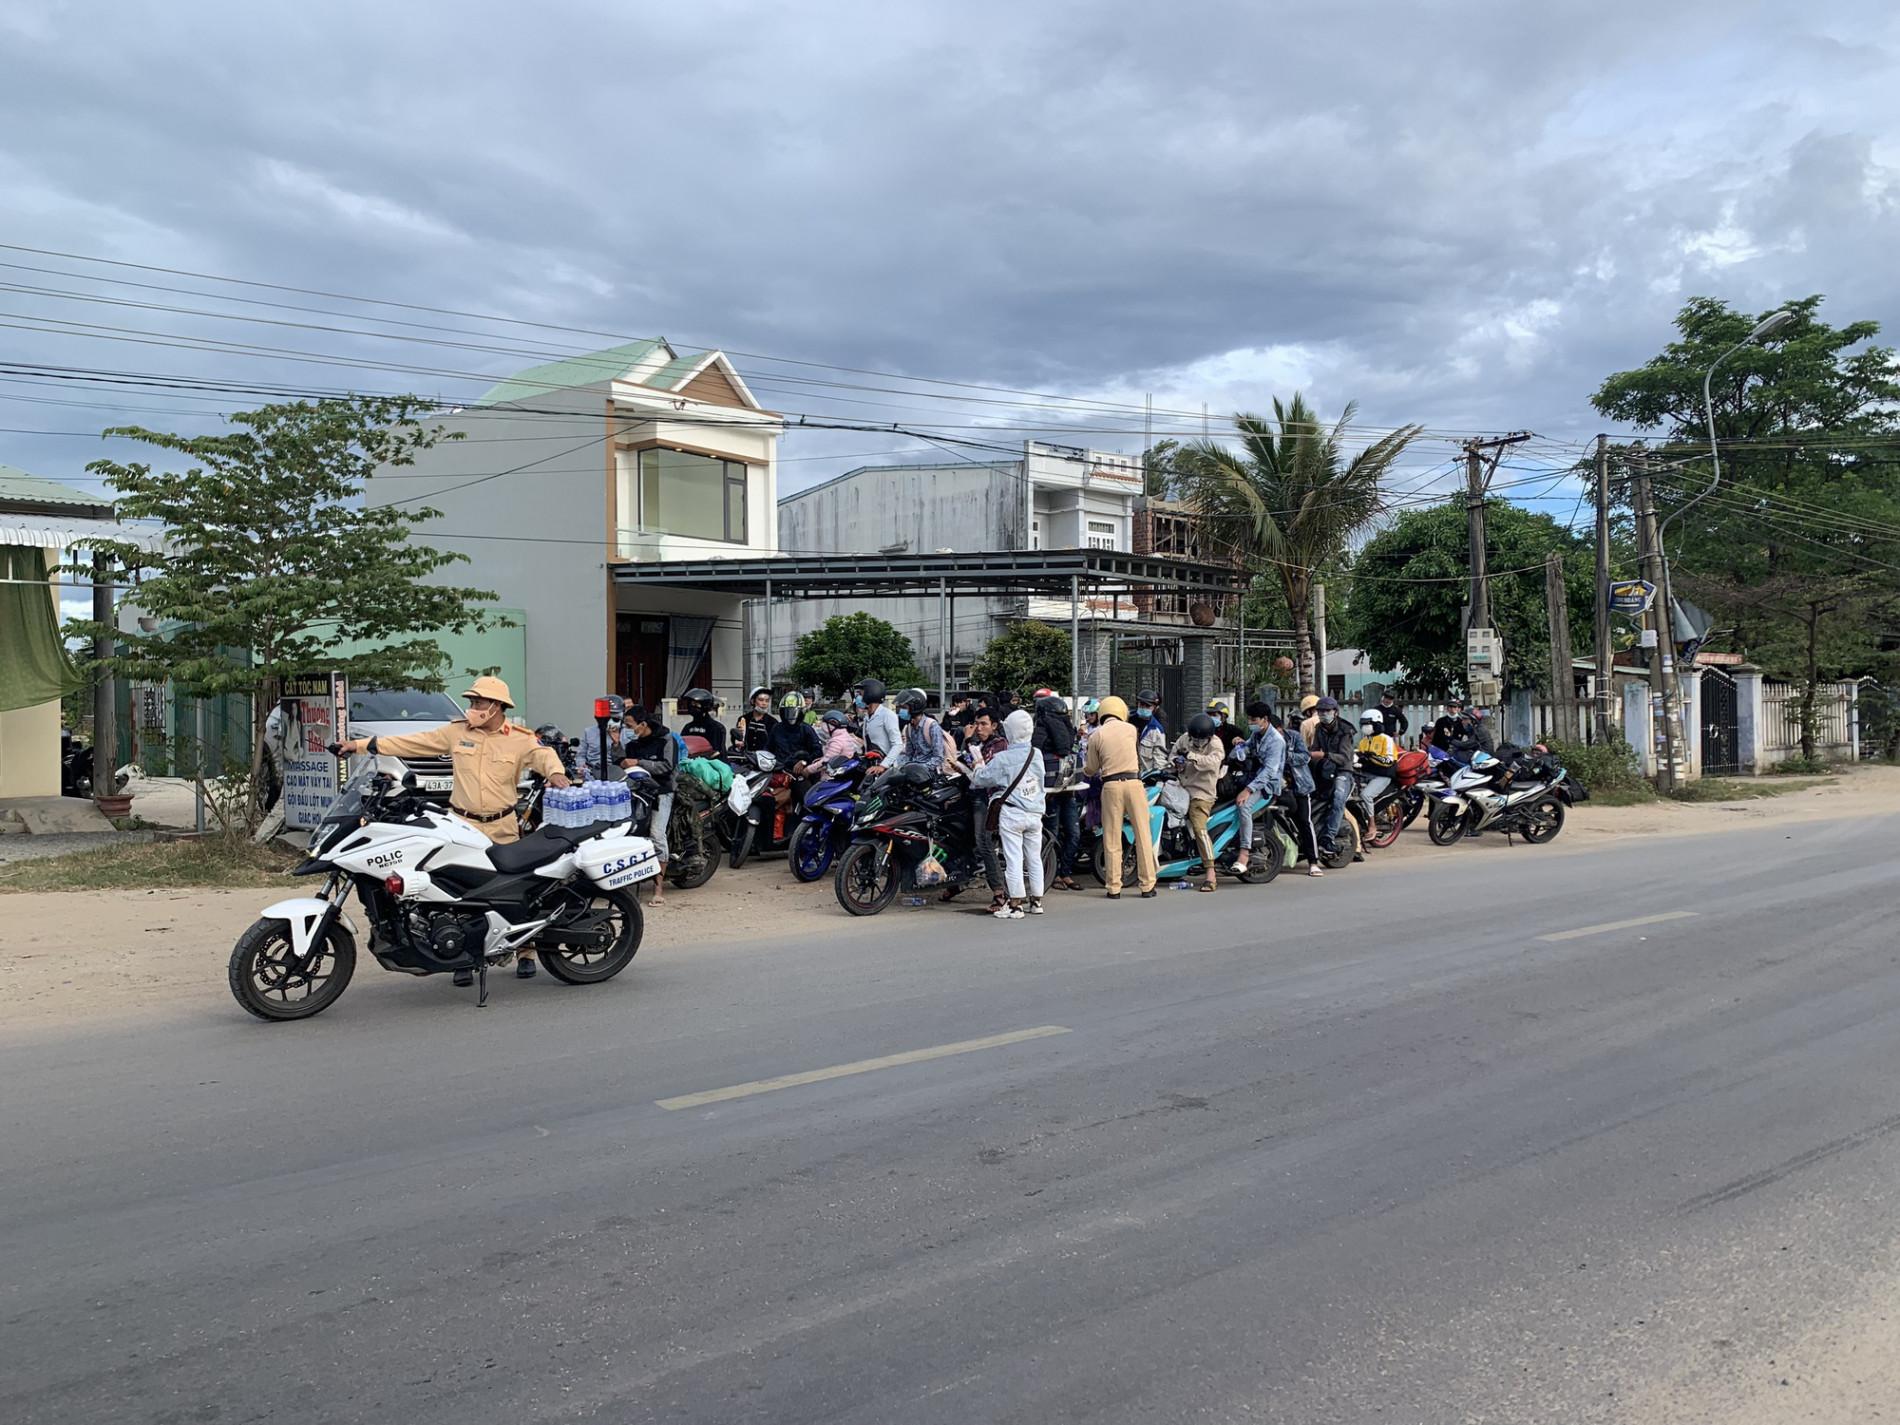 CSGT Đà Nẵng tiếp tục hộ tống hàng trăm người từ TP. Hồ Chí Minh về quê bằng xe máy - Ảnh 2.